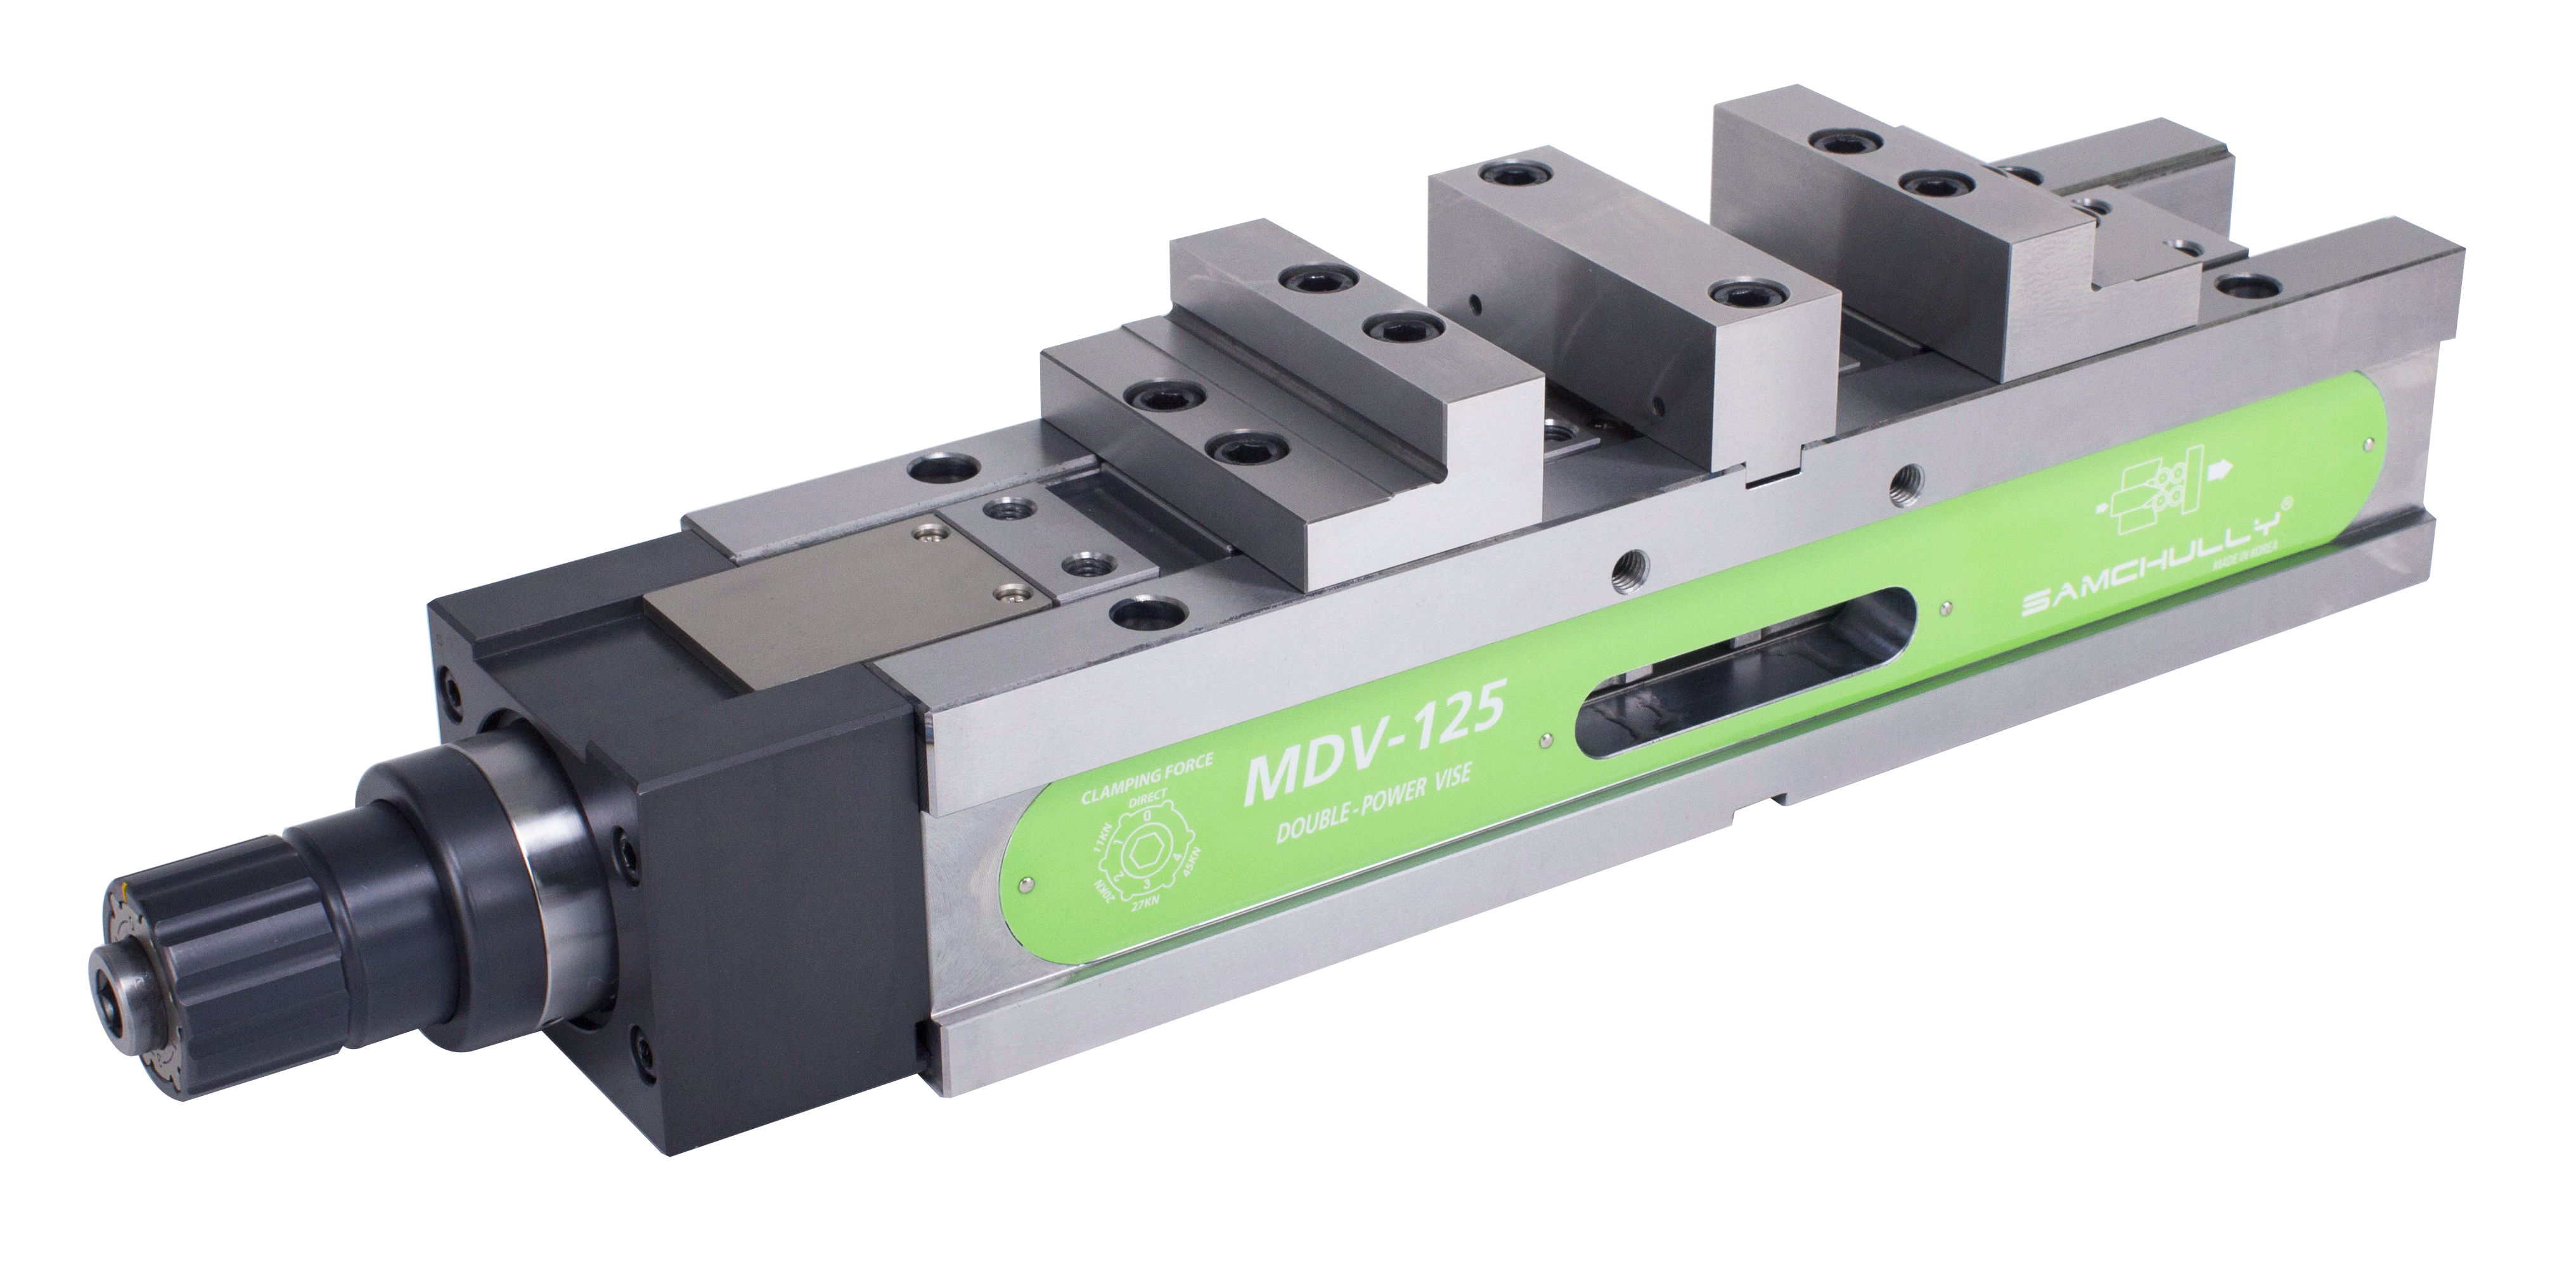 MDV-125 power vise